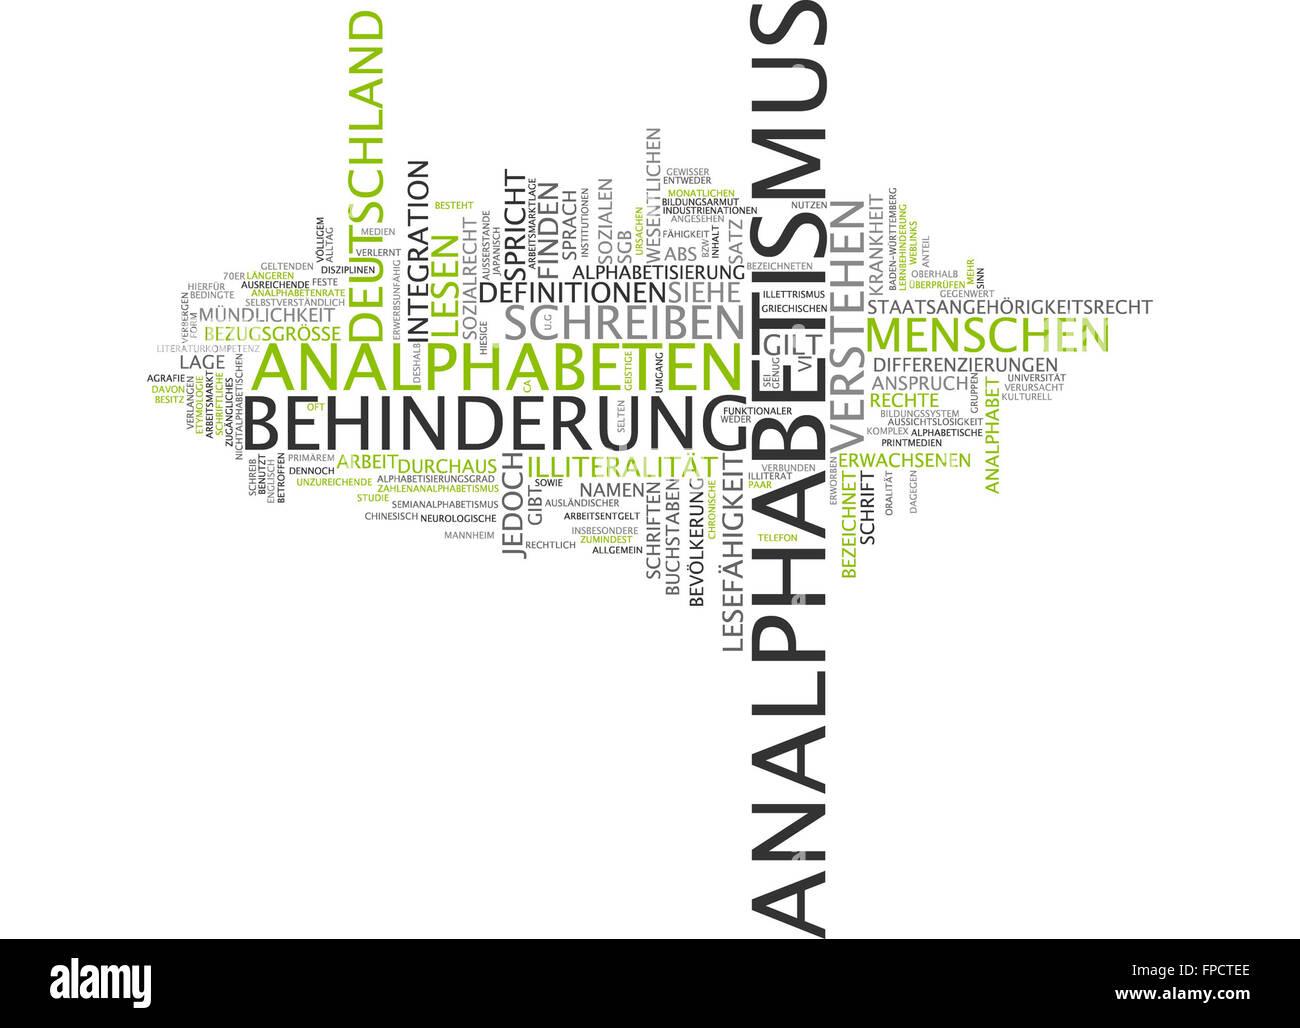 analphabetismus behinderung deutschland lesen Stock Photo